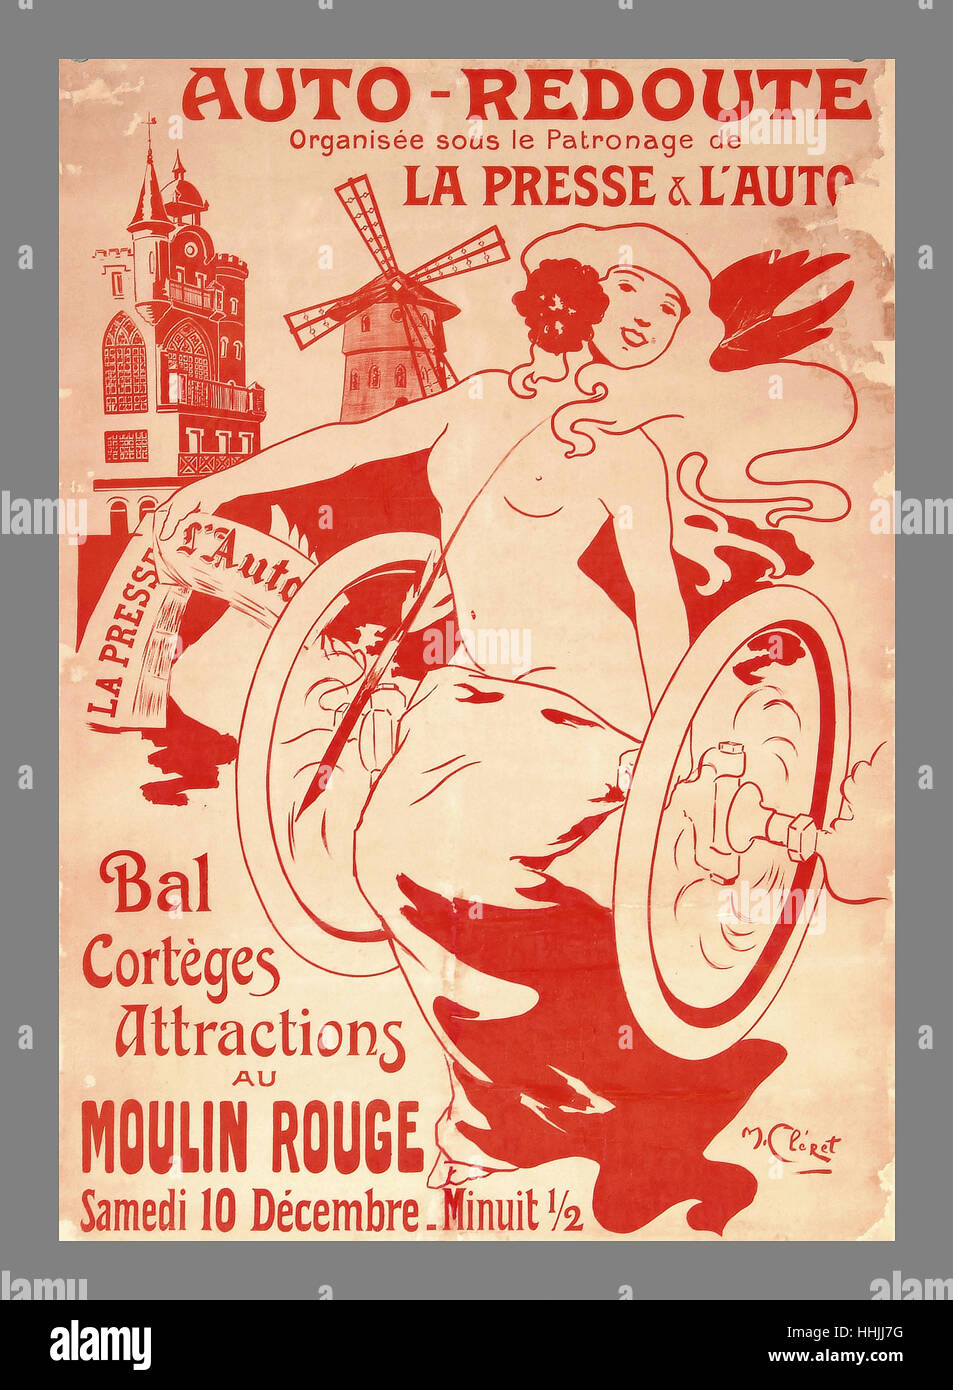 Vintage retro Car Parade Tänzer und Attraktionen Moulin Rouge Poster Paris Frankreich Stockbild